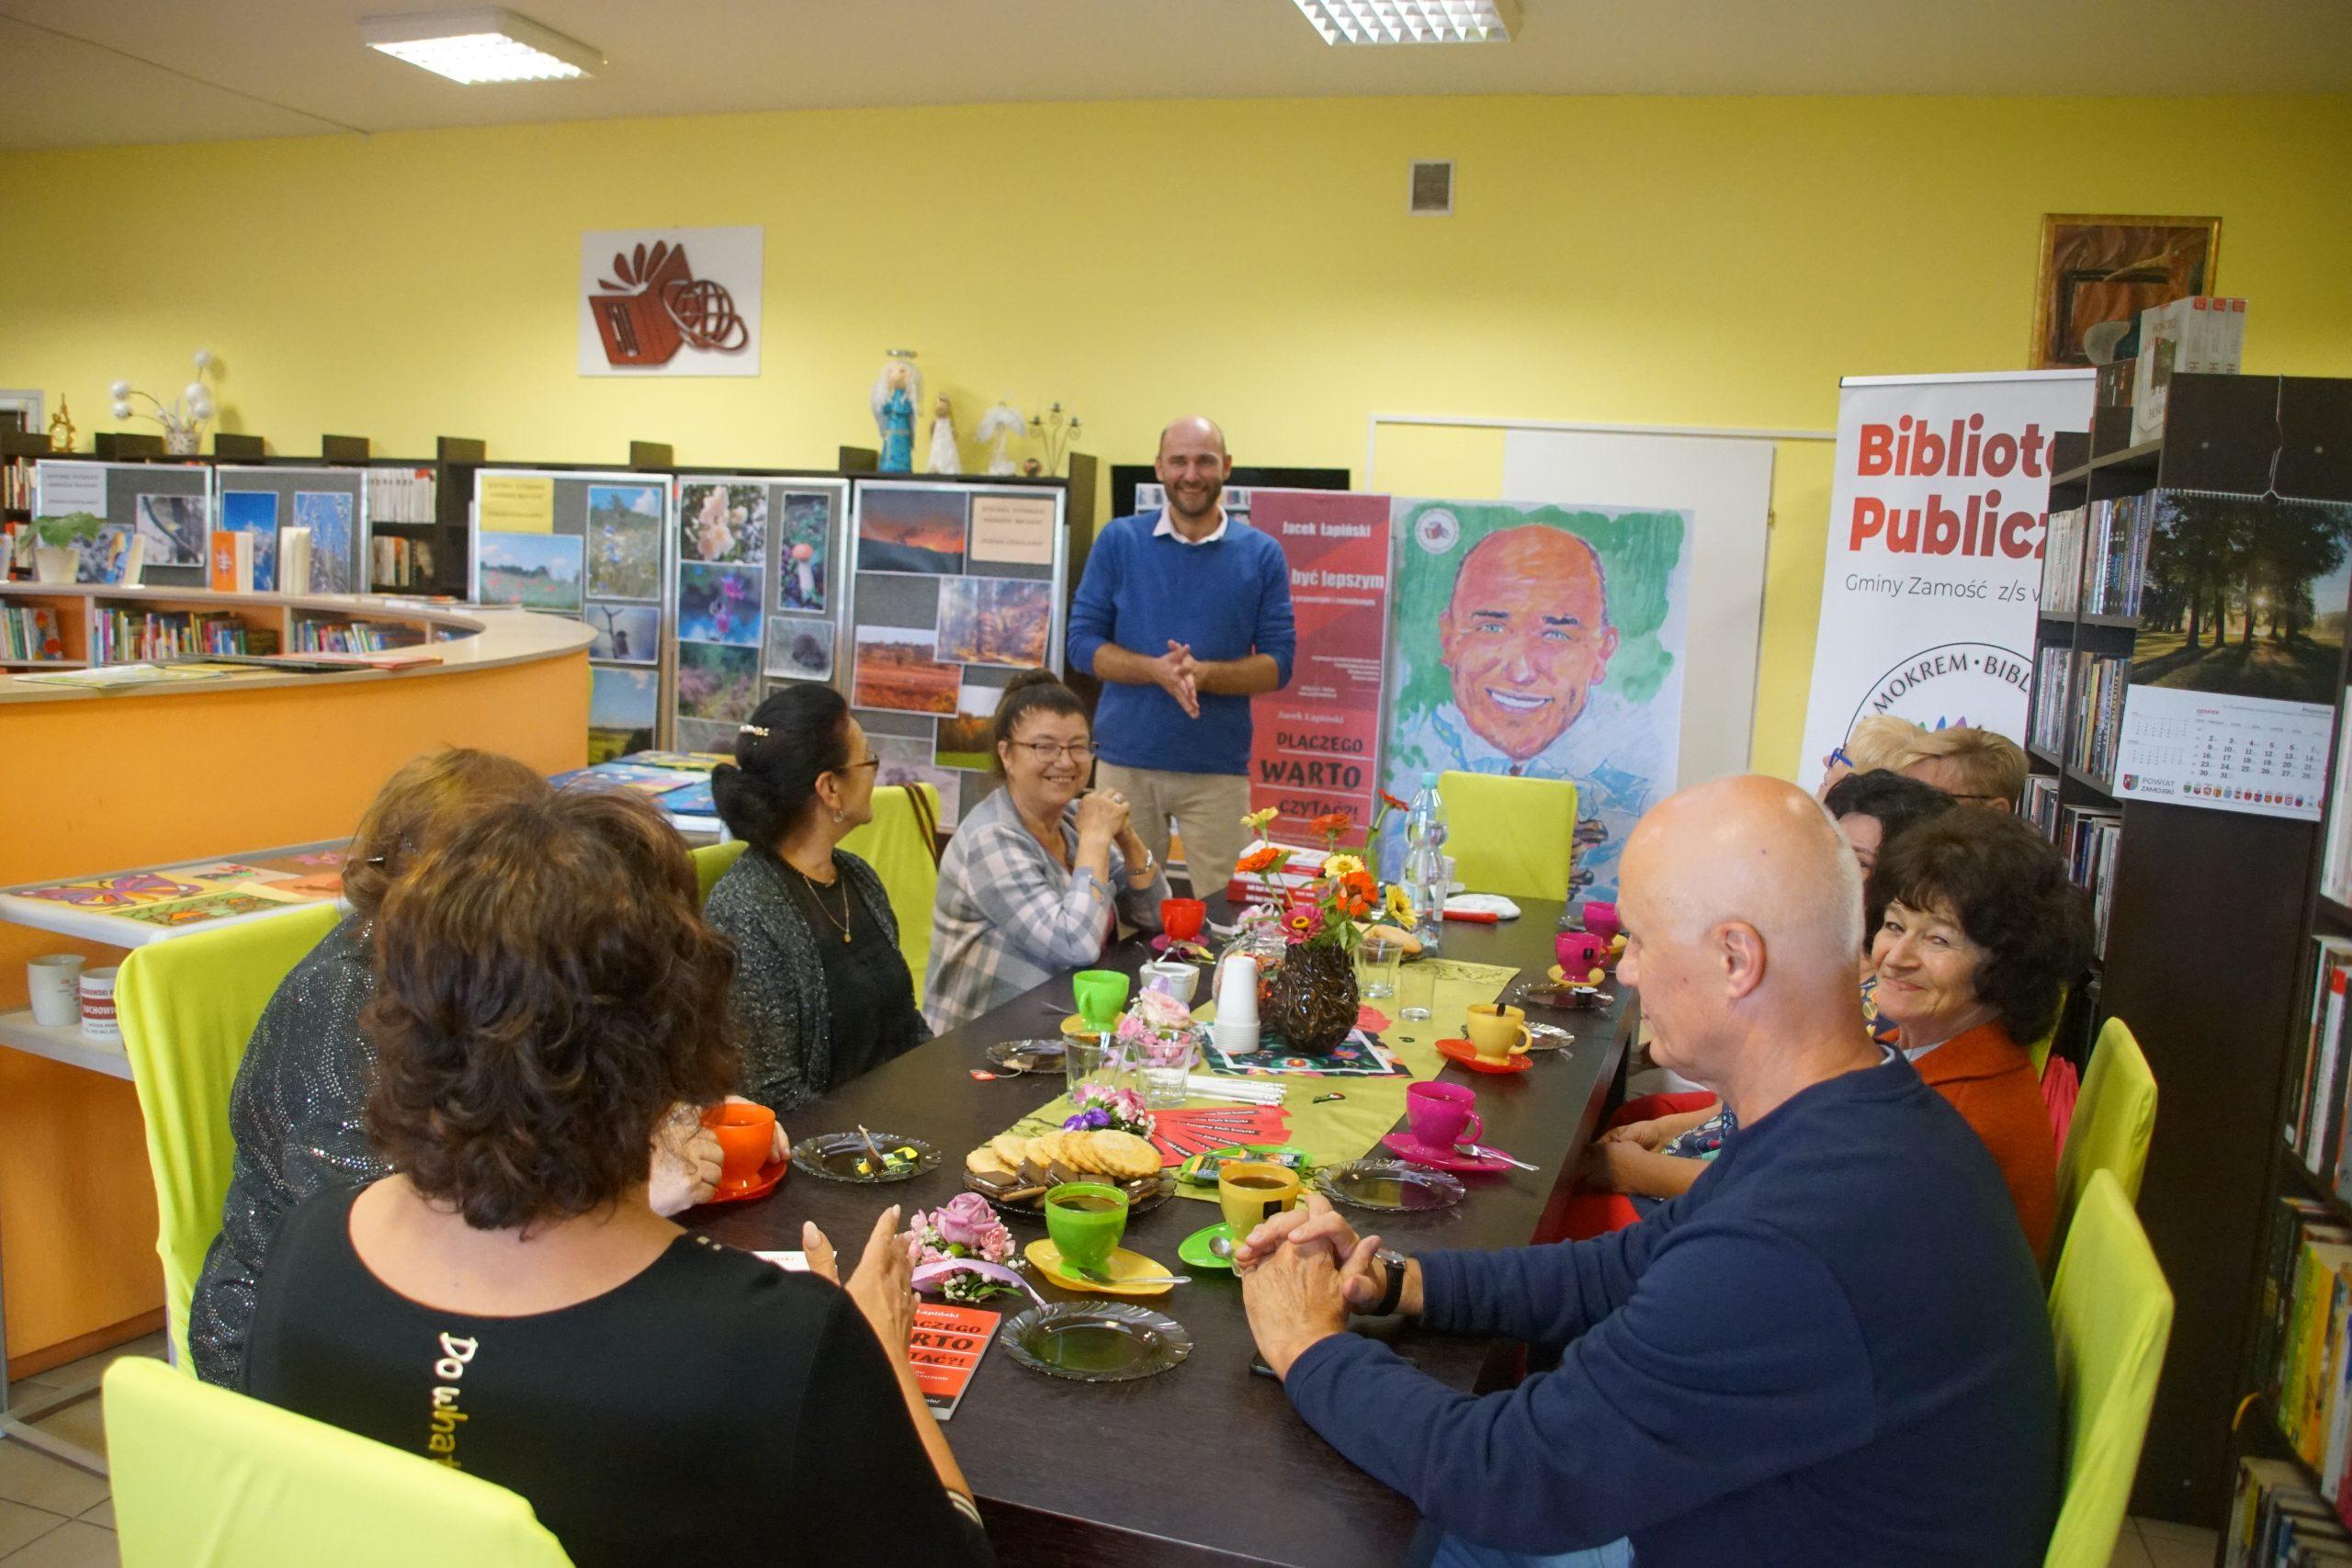 Zdjęcie ze spotkania autorskiego z Jackiem Łapińskim 26 sierpnia 2021 r., w BPGZ w Mokrem (na zdjęciu autor i czytelnicy)